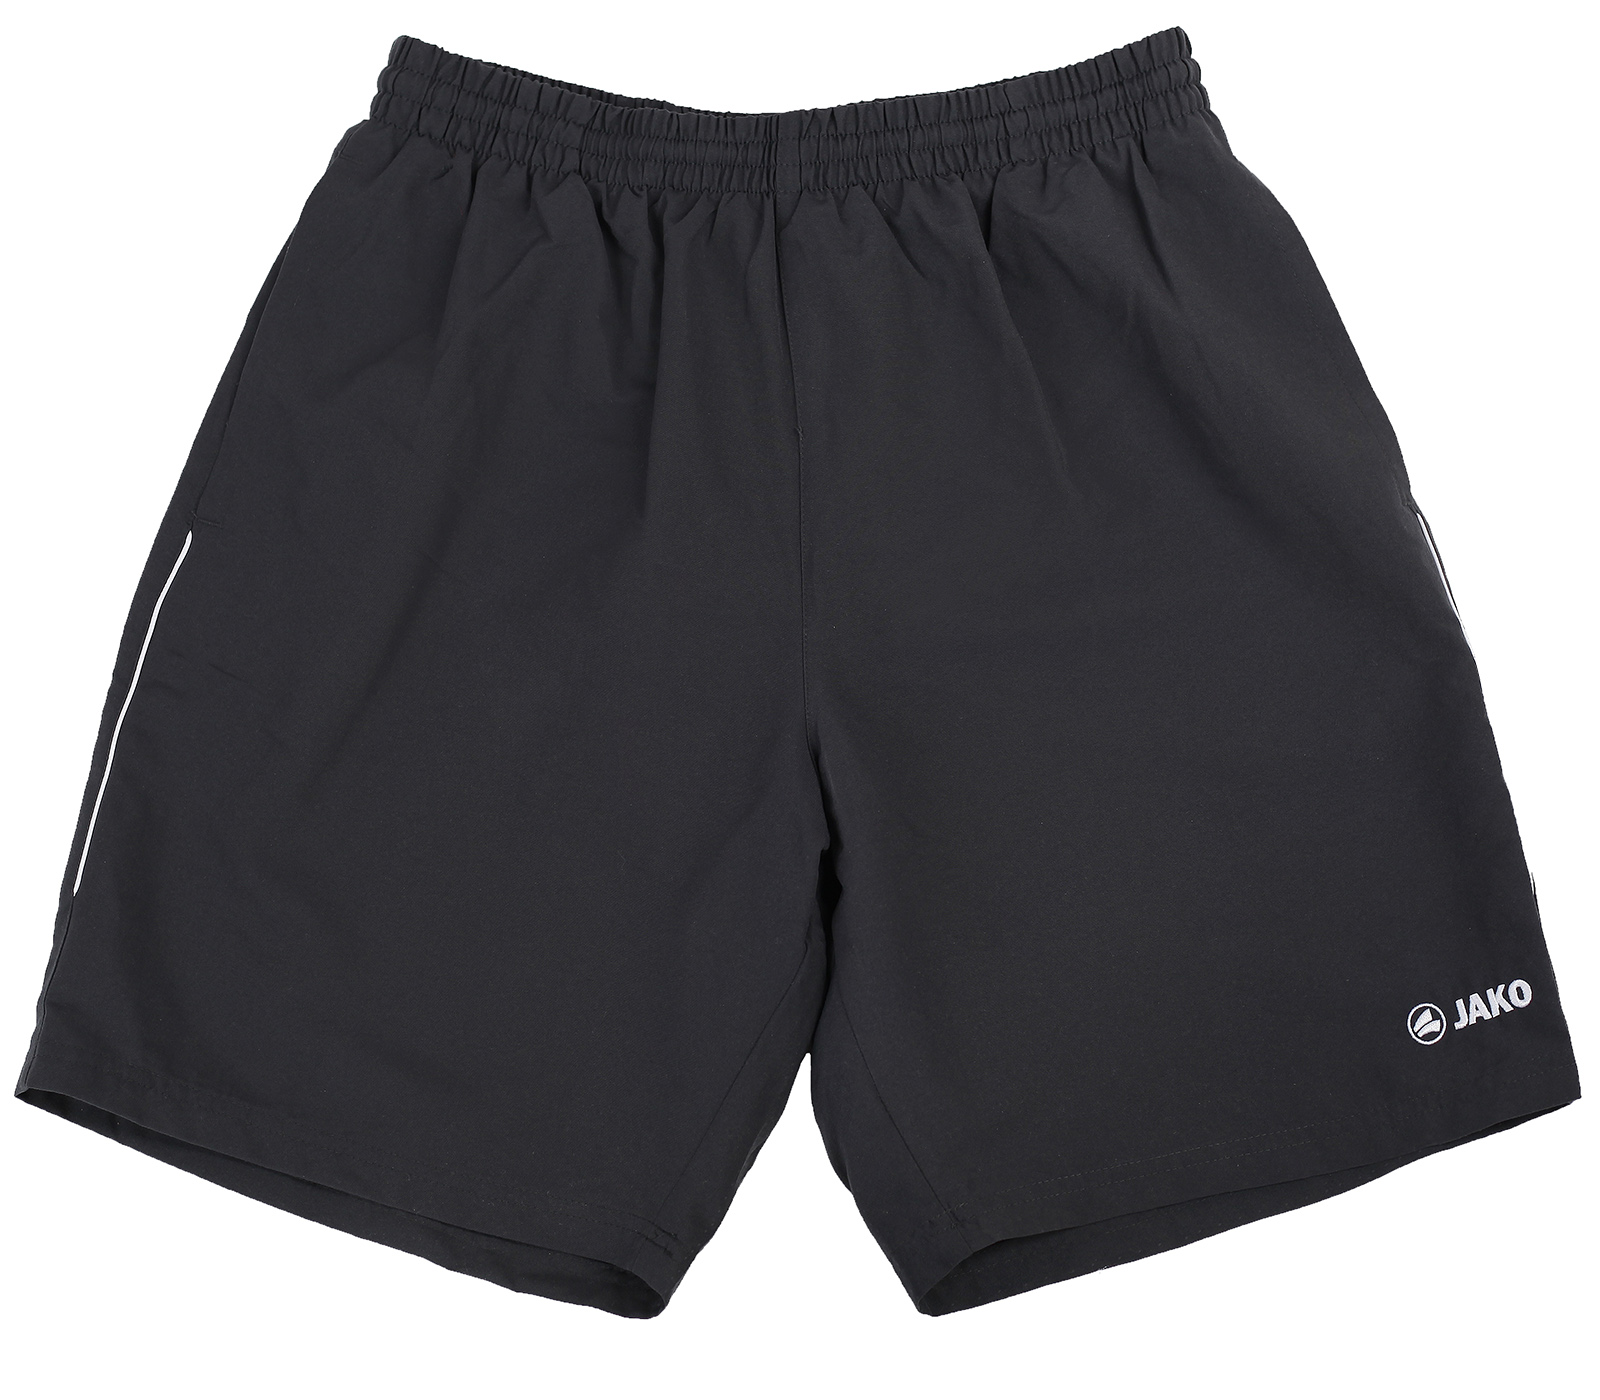 Практичные мужские шорты от бренда Jako